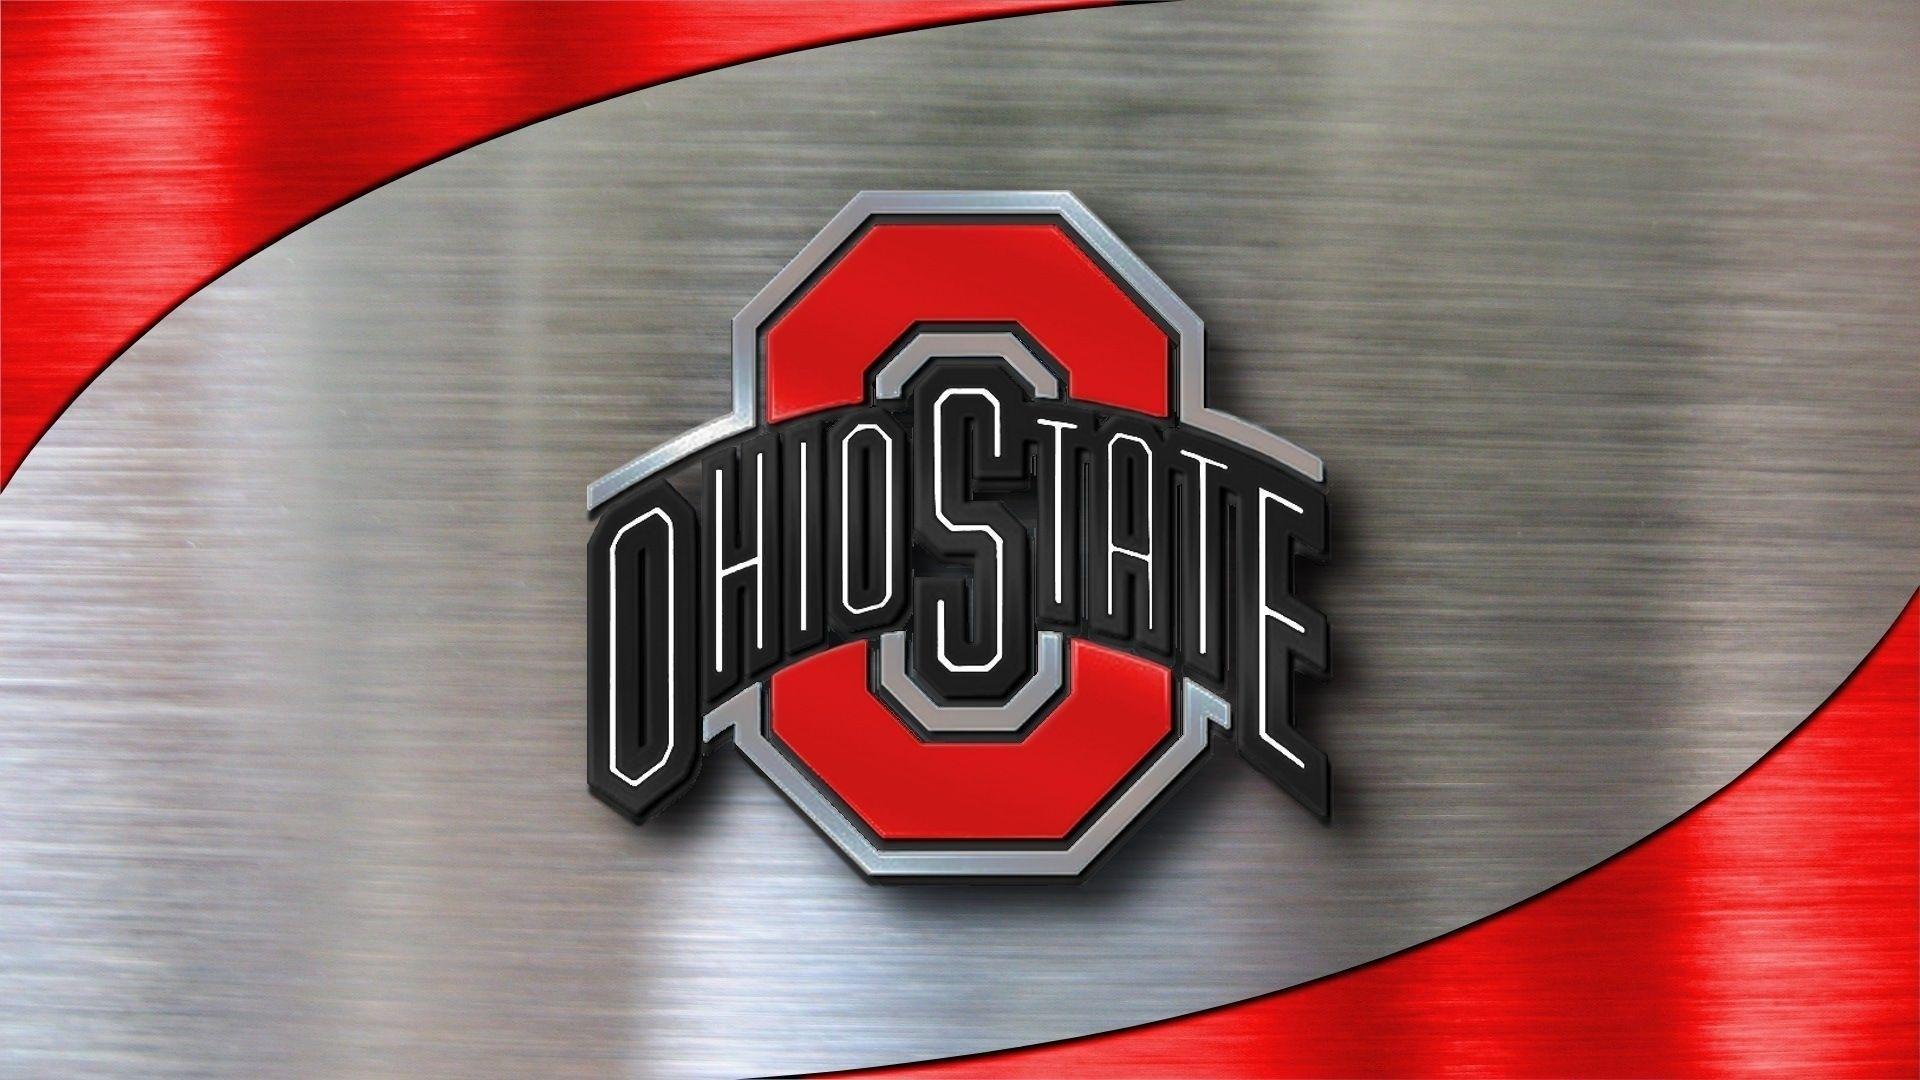 Ohio State computer wallpaper